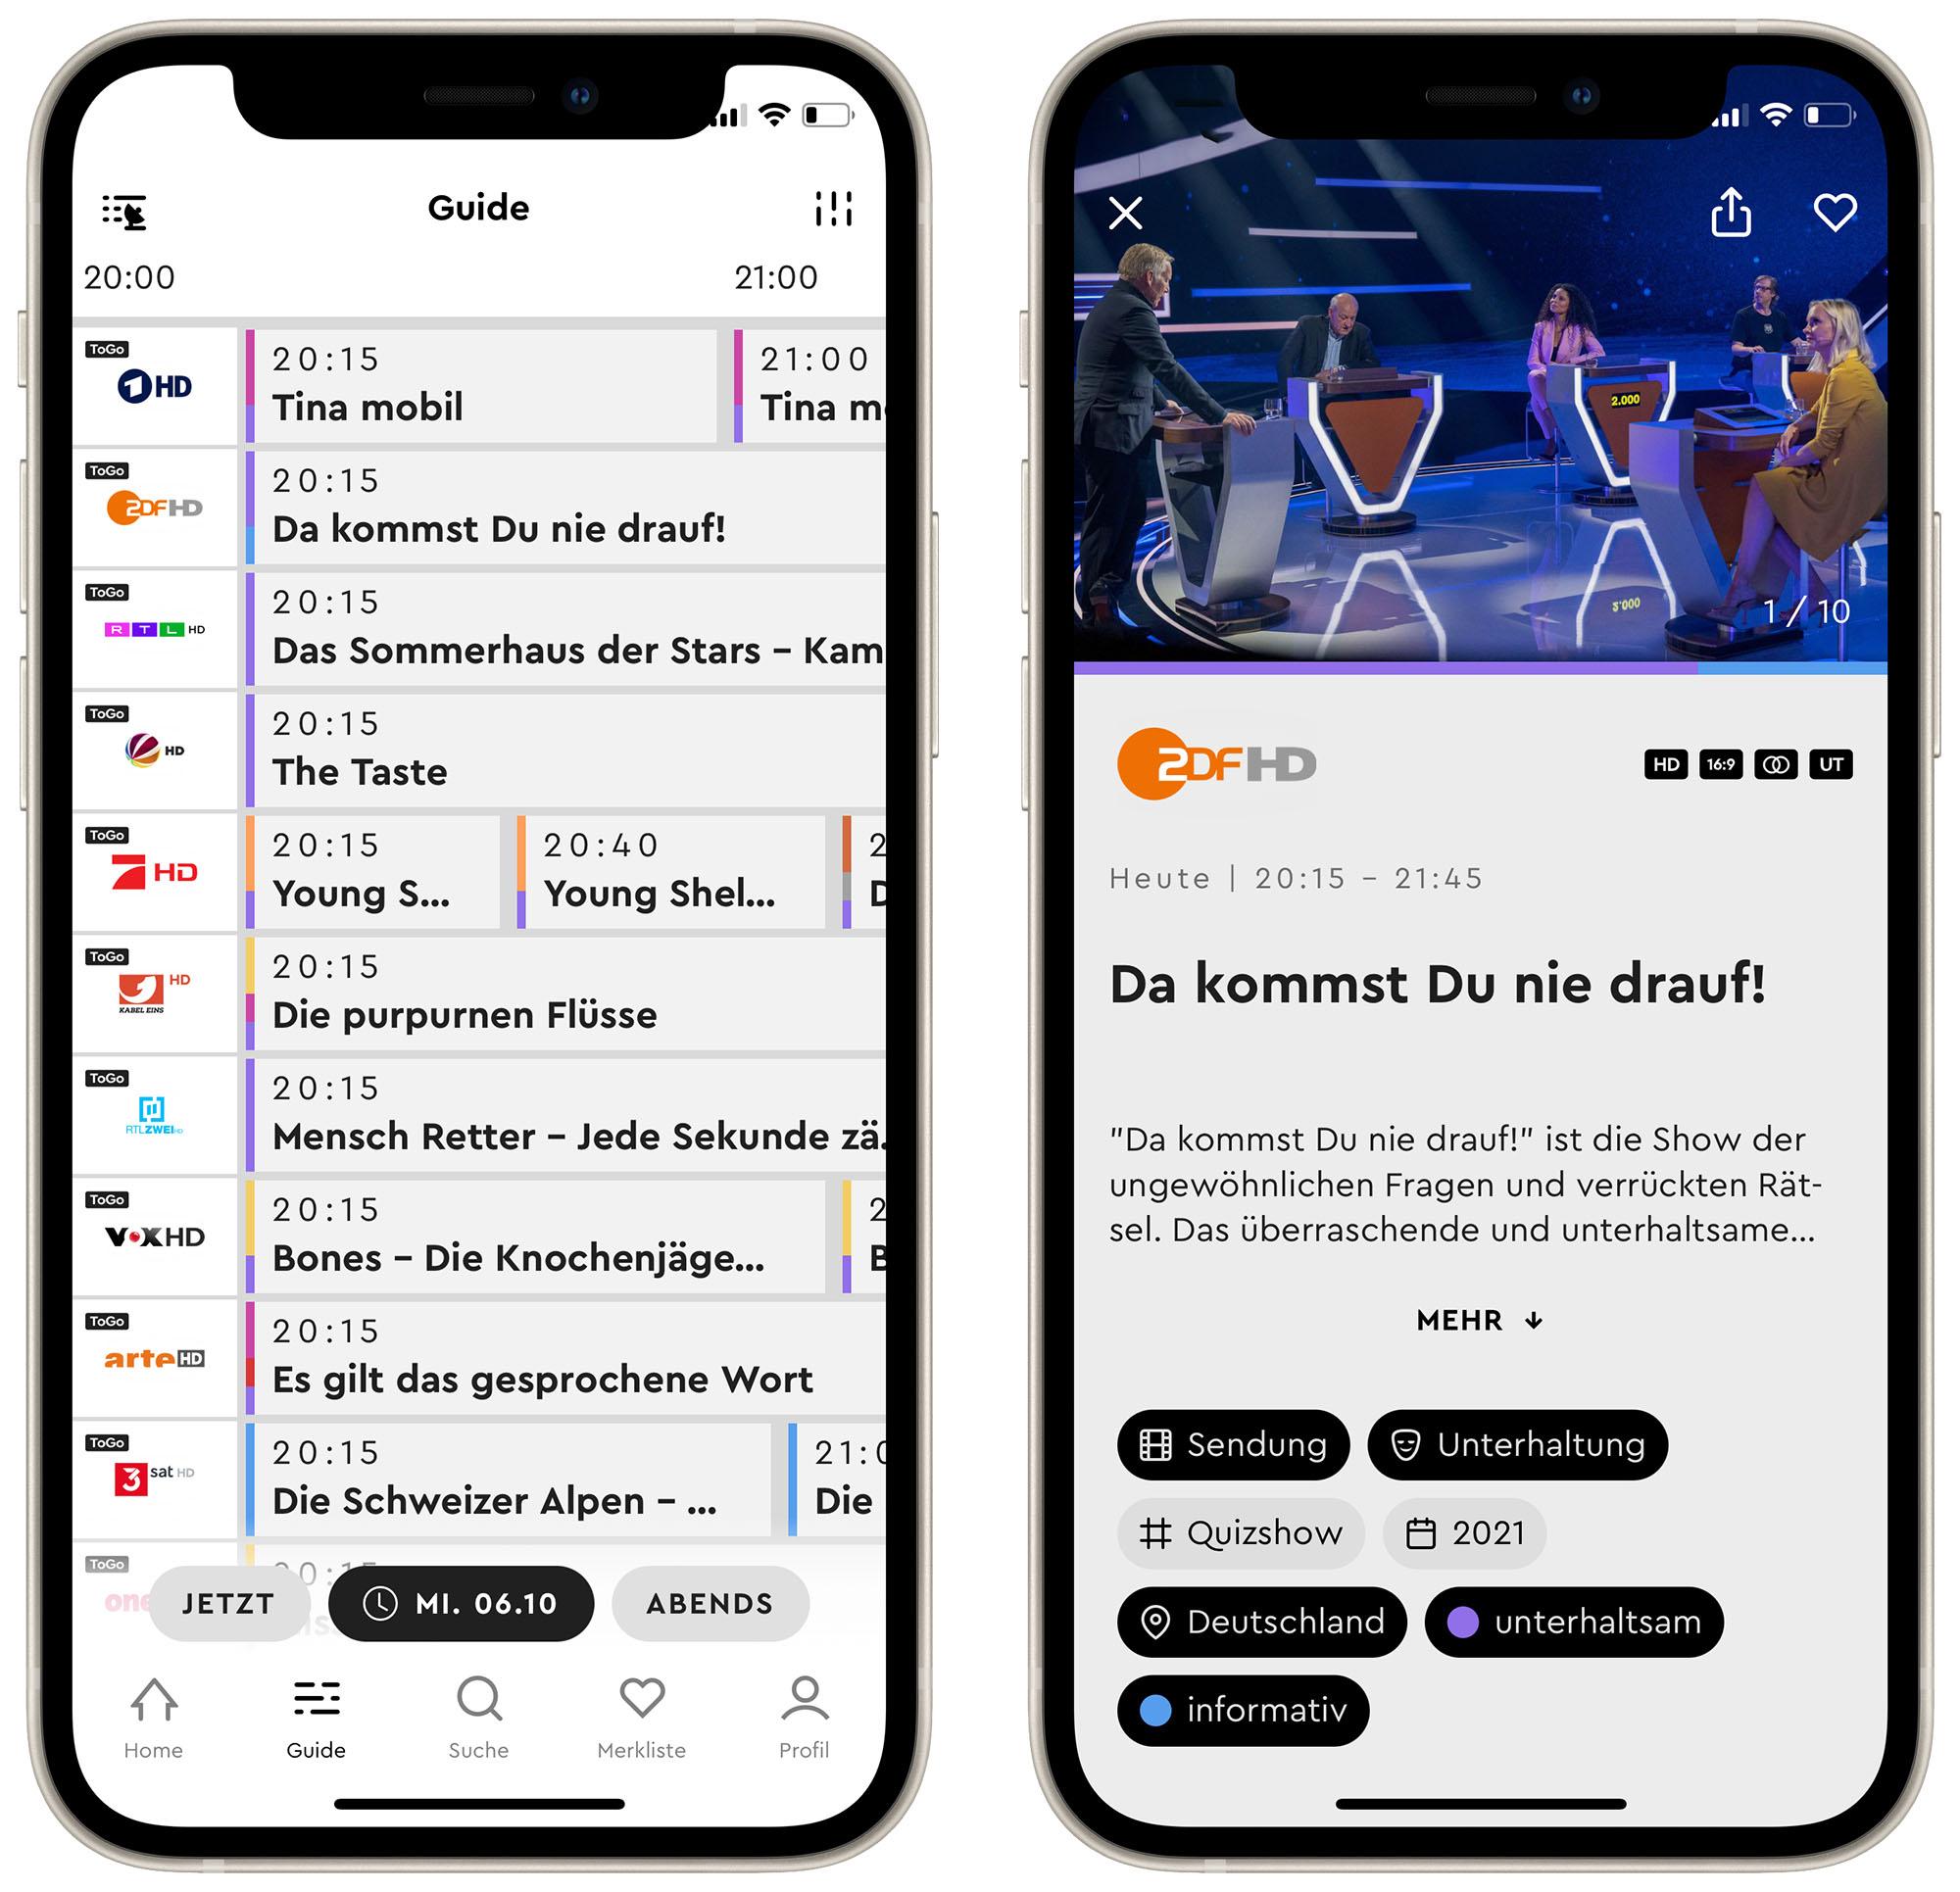 Gute TV Programm App HD+ integriert Live TV › iphone ticker.de